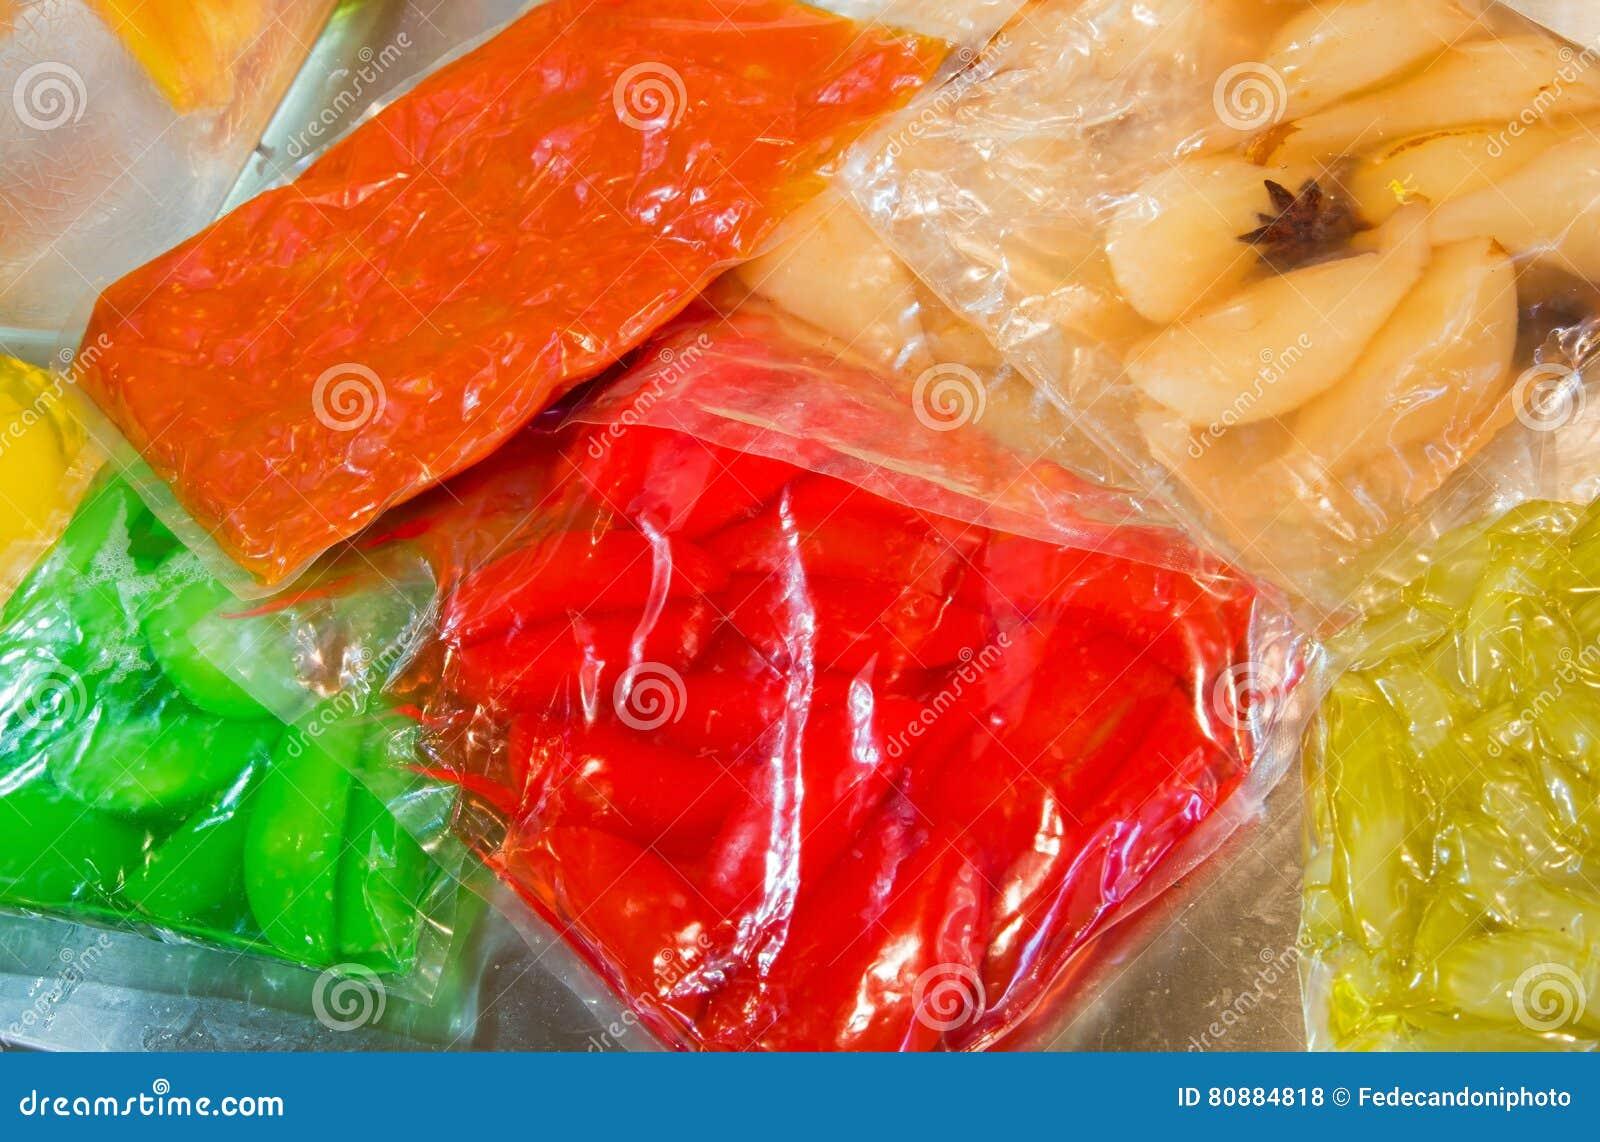 λαχανικά που συντηρούνται στο κενό - συσκευασμένες τσάντες